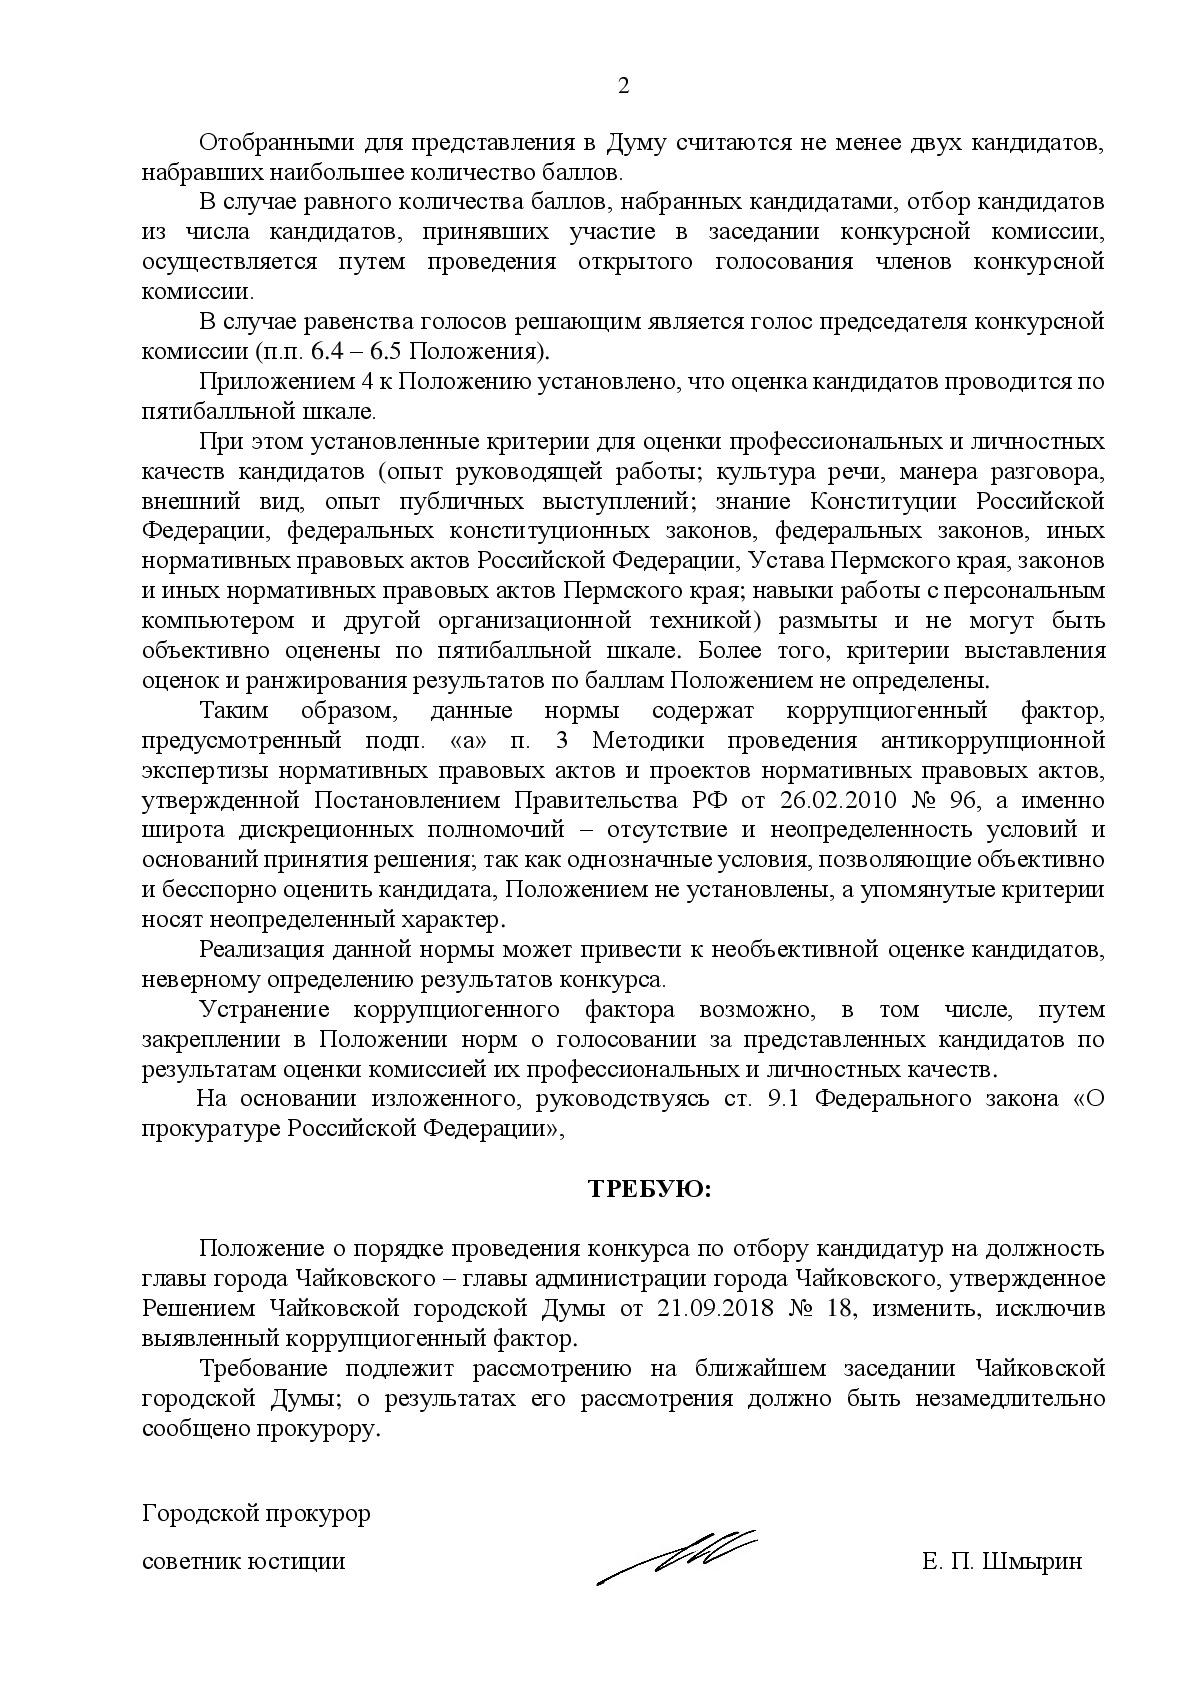 прокуратура, чайковский район, 2018 год